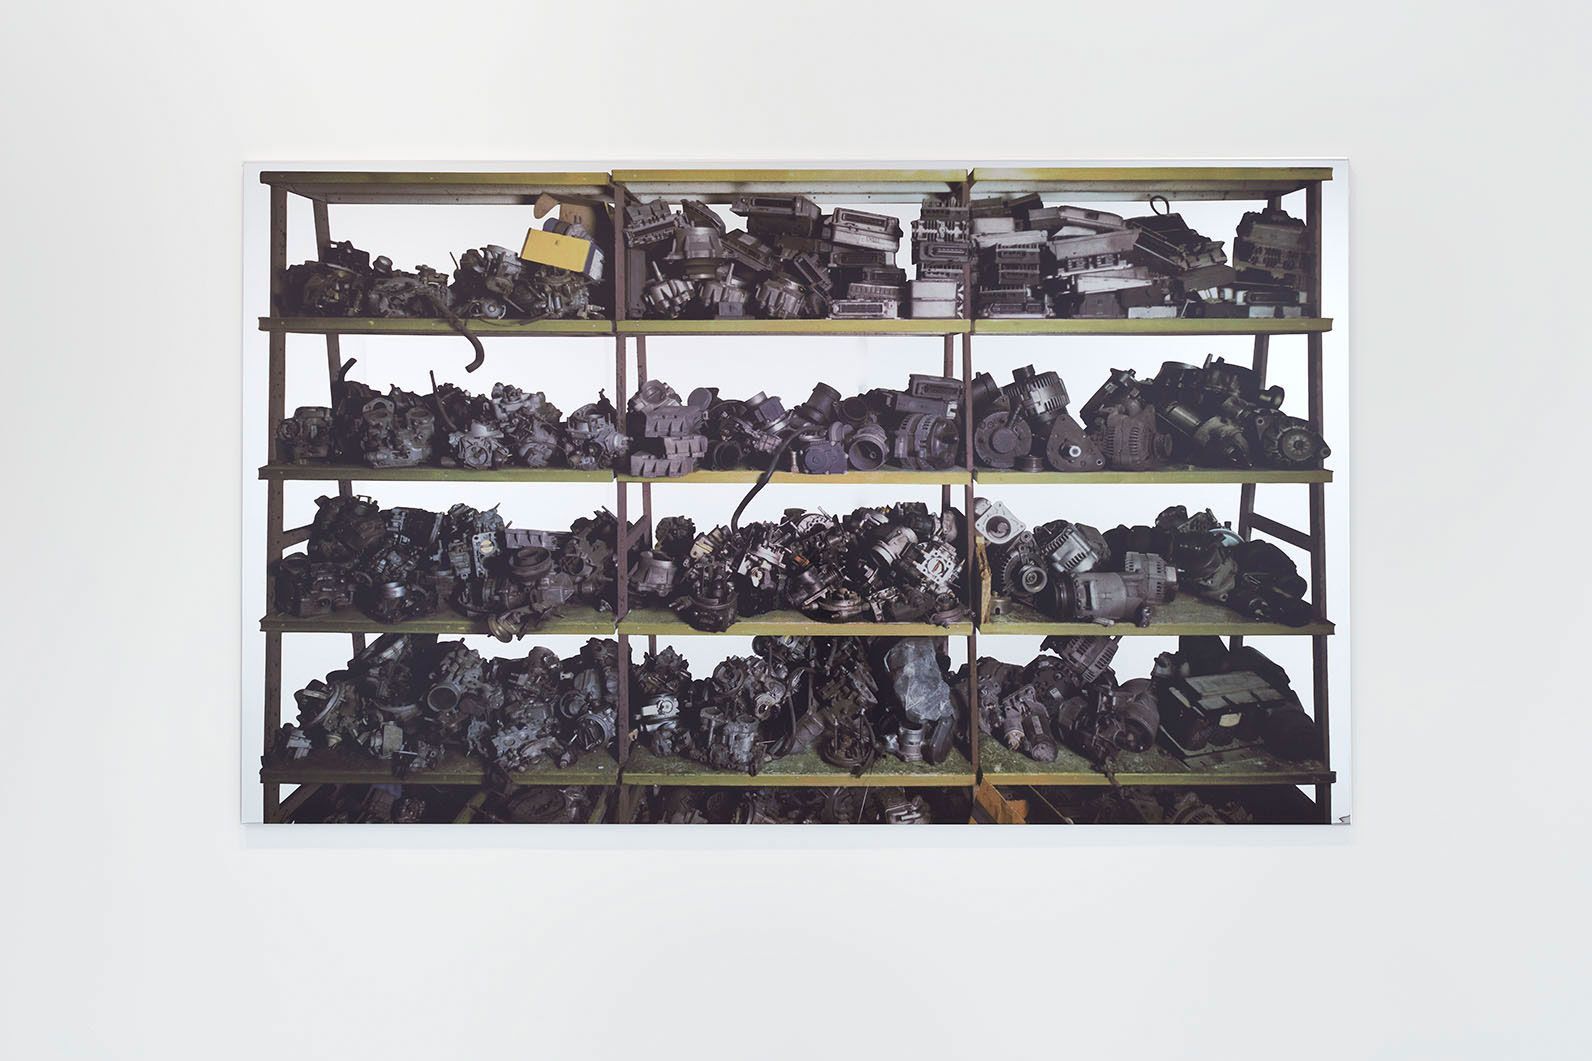 Michelangelo Pistoletto Scaffali – pezzi meccanici, 2015